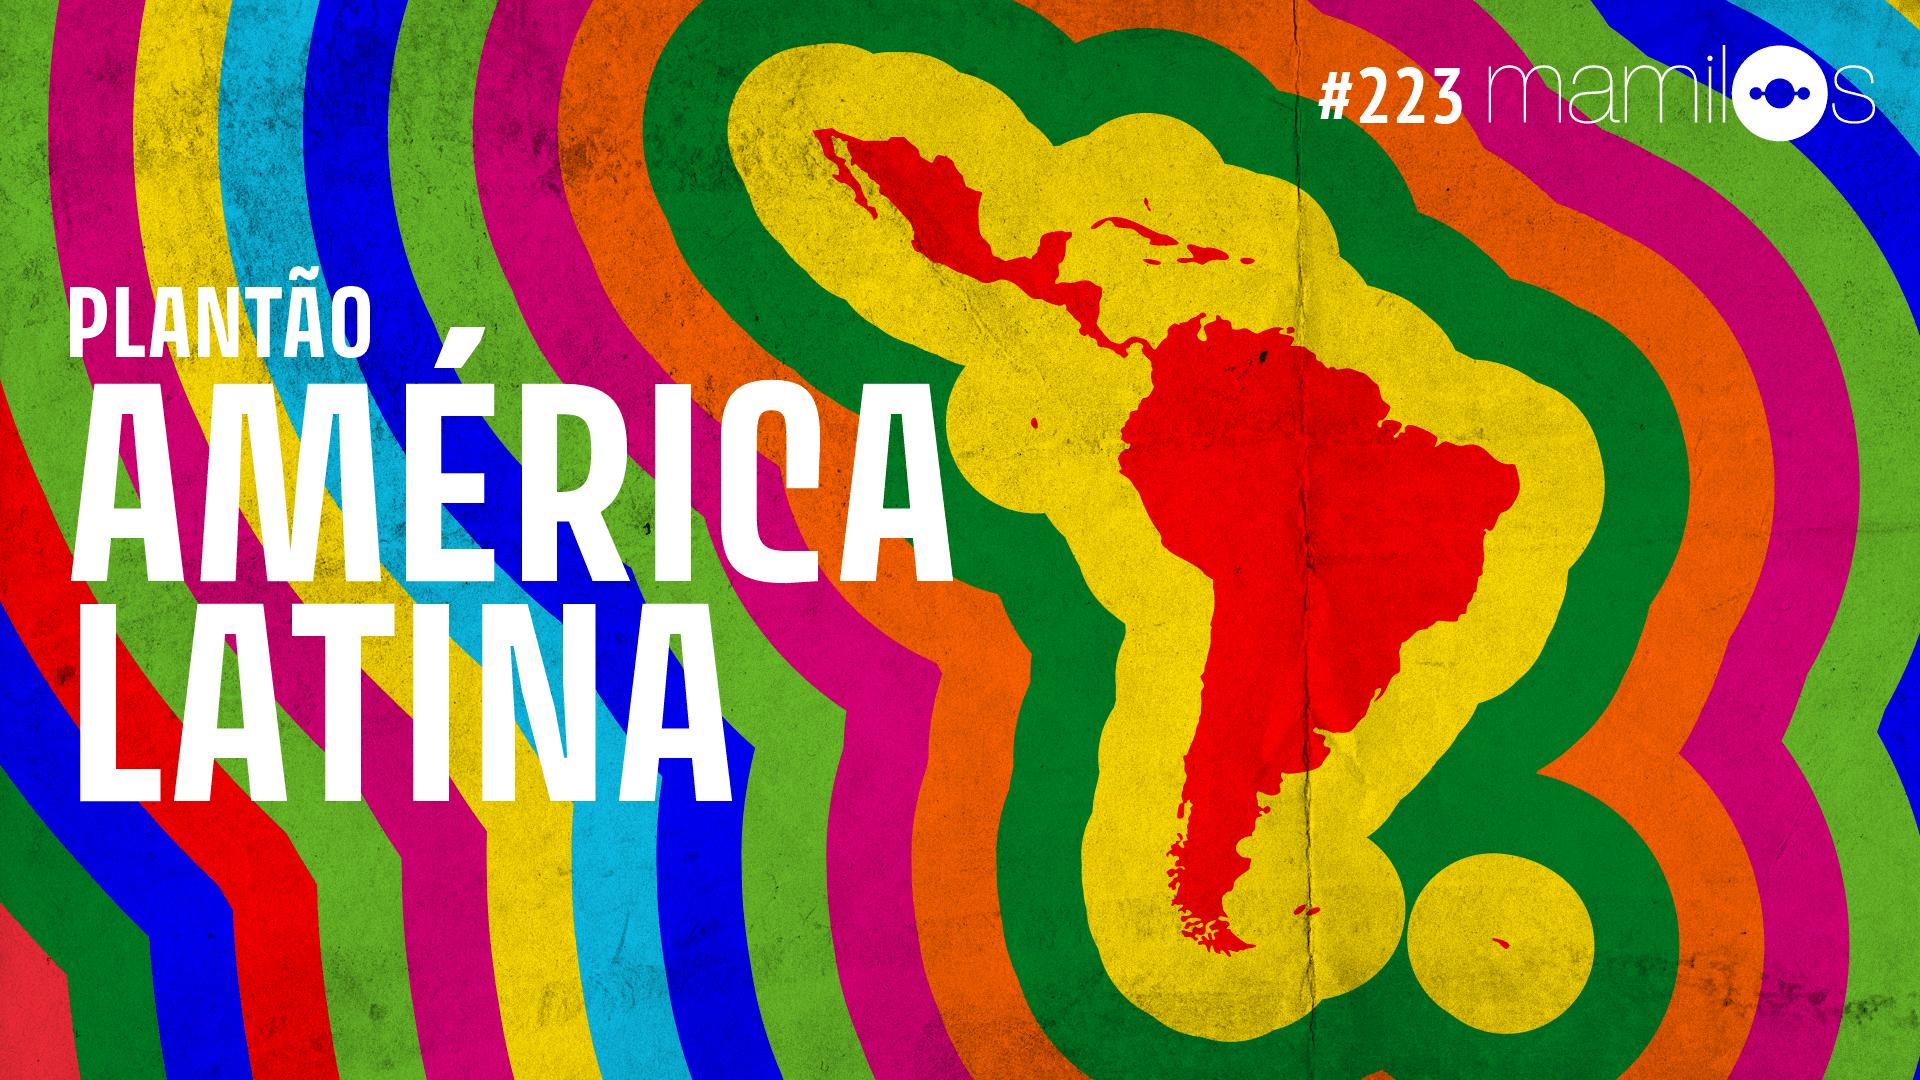 Mamilos #223 – Plantão América Latina